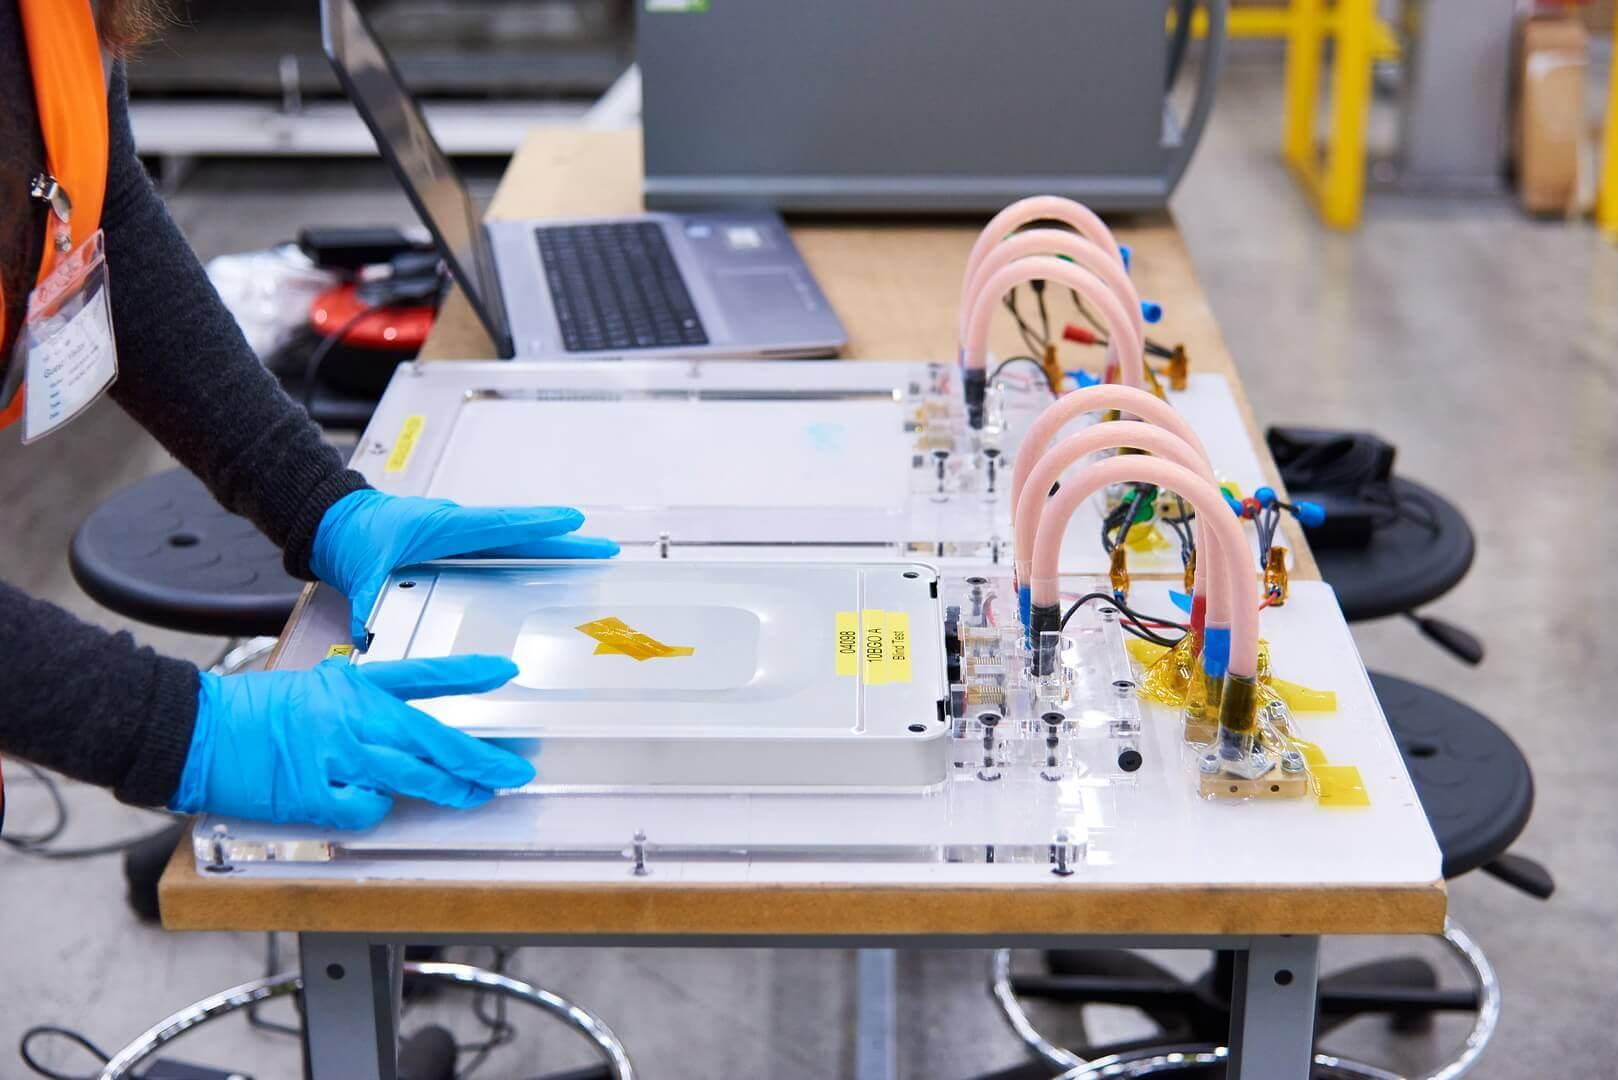 Создана технология быстрой оценки использованных батарей электромобилей